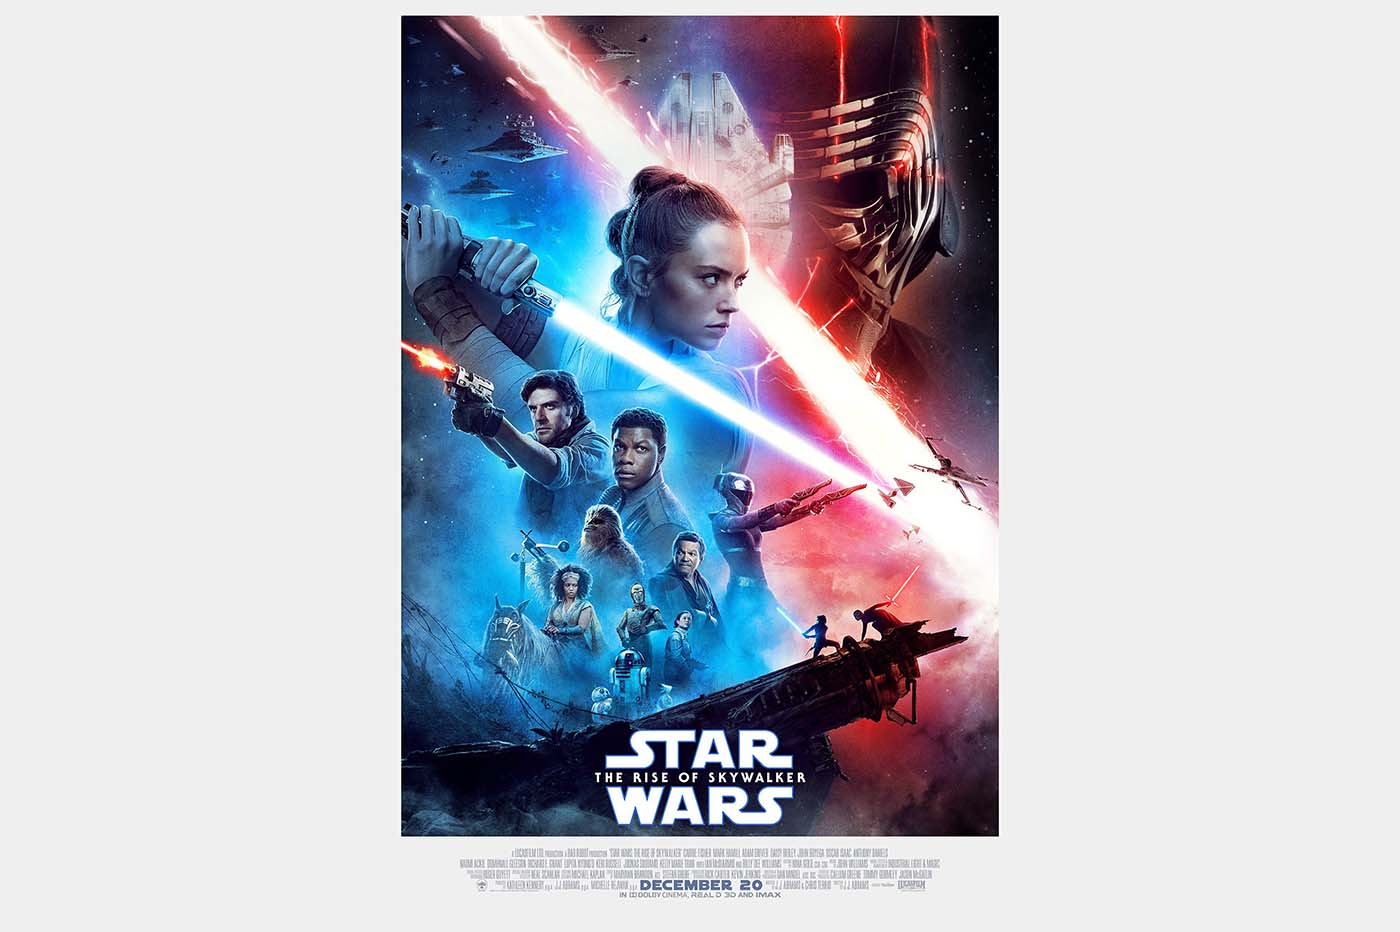 Star Wars Dernière Bande Annonce Skywalker